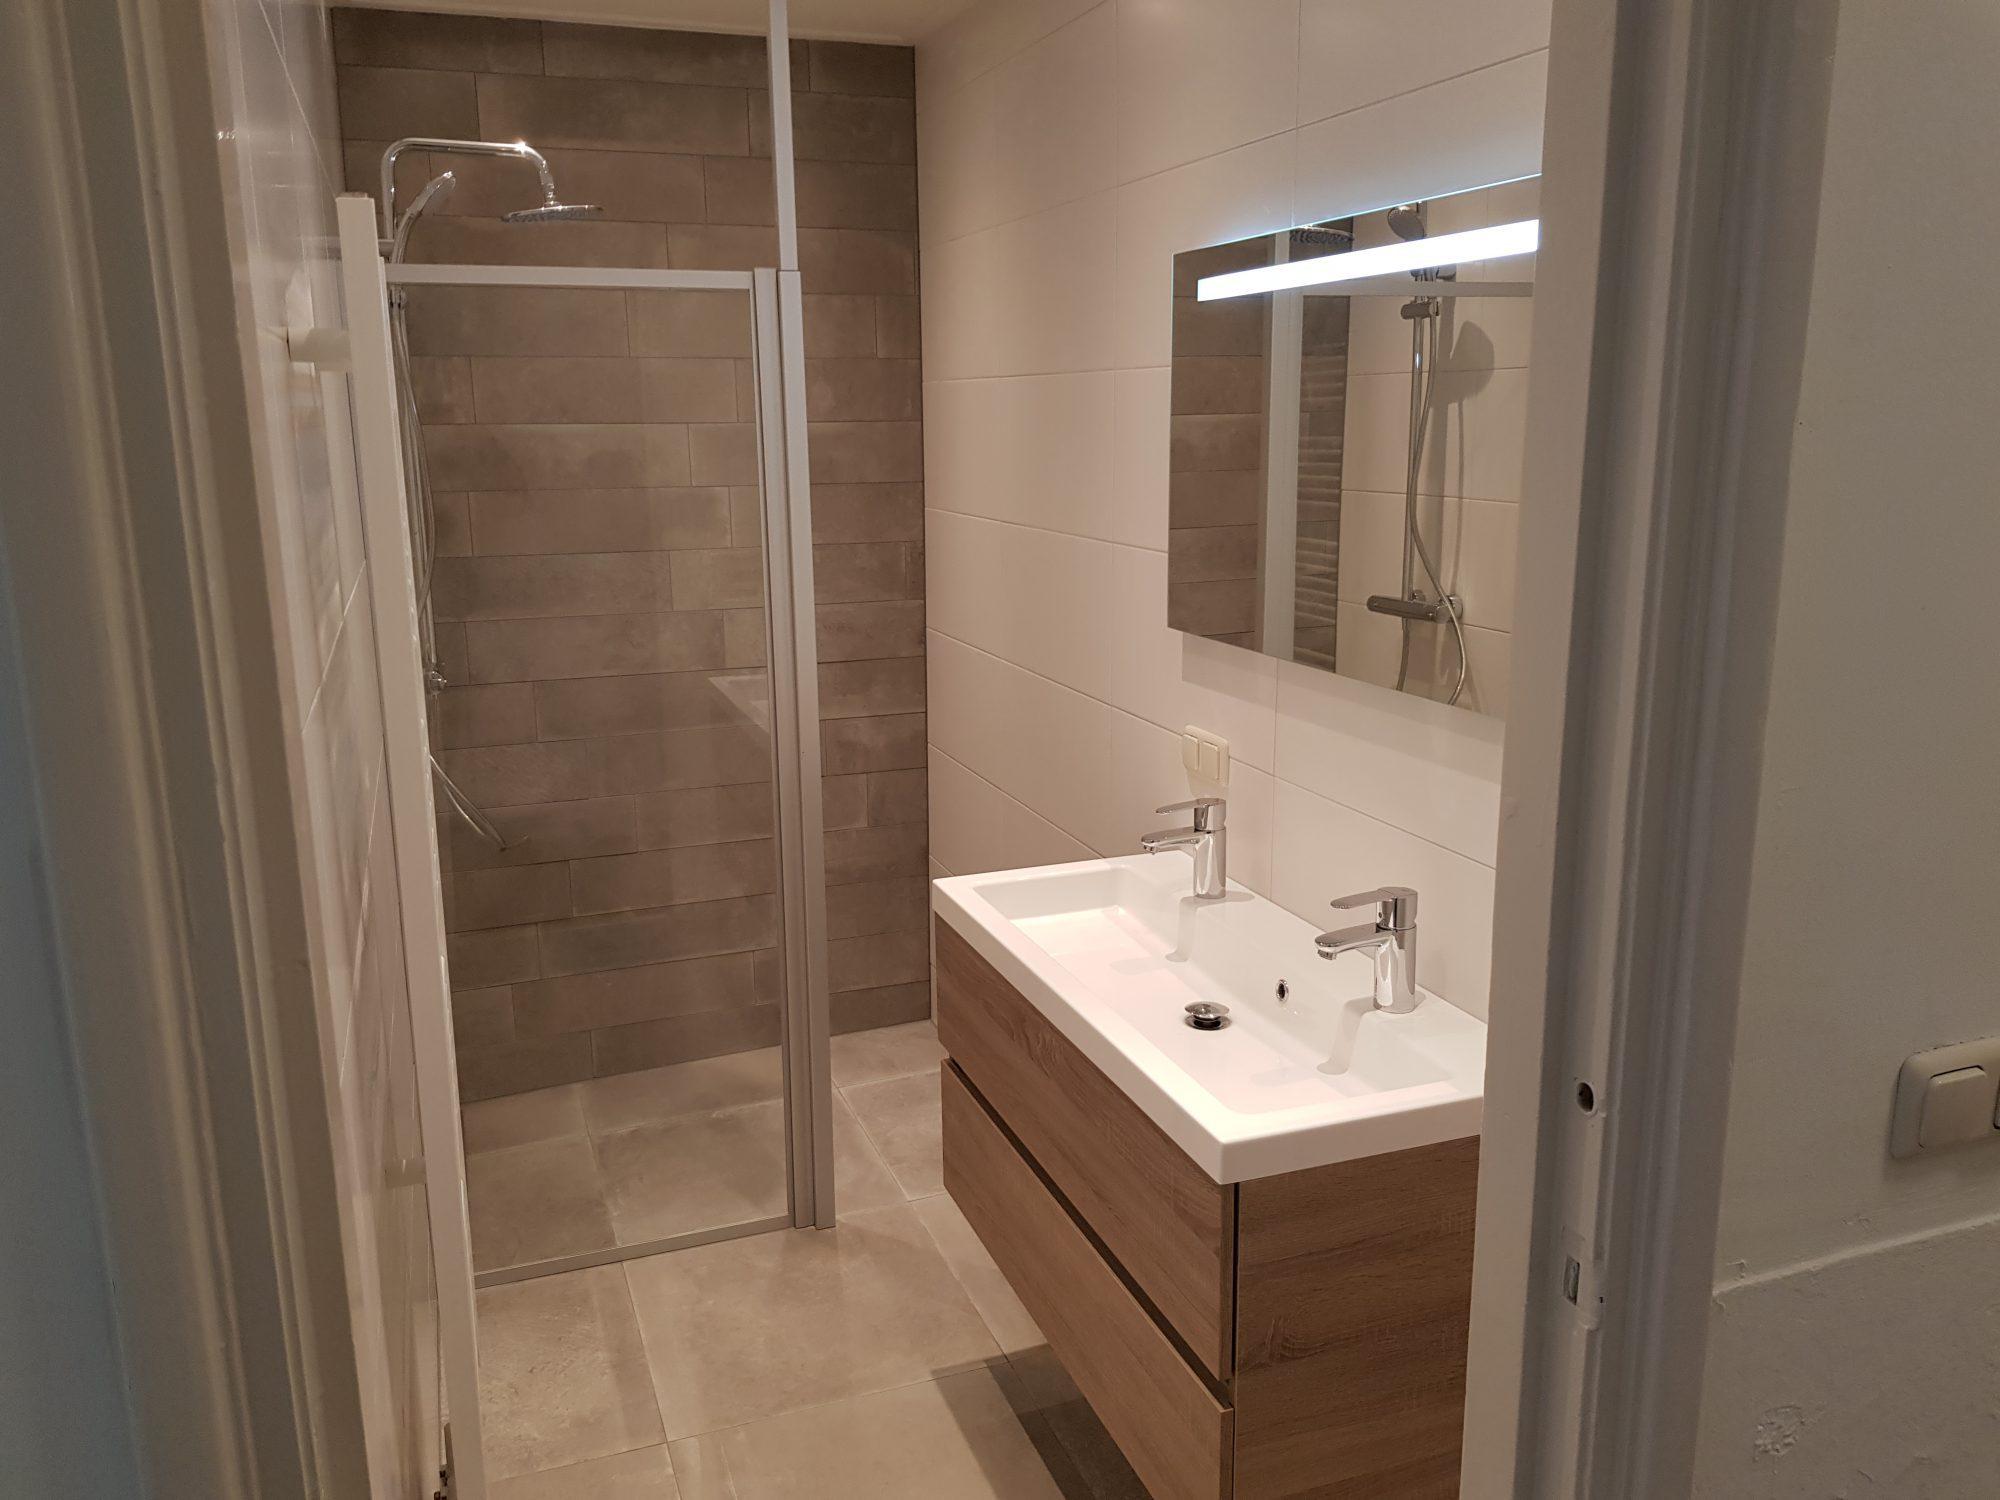 Verbouw badkamer drachten u2013 hofstee bouw u2013 nieuwbouw verbouw